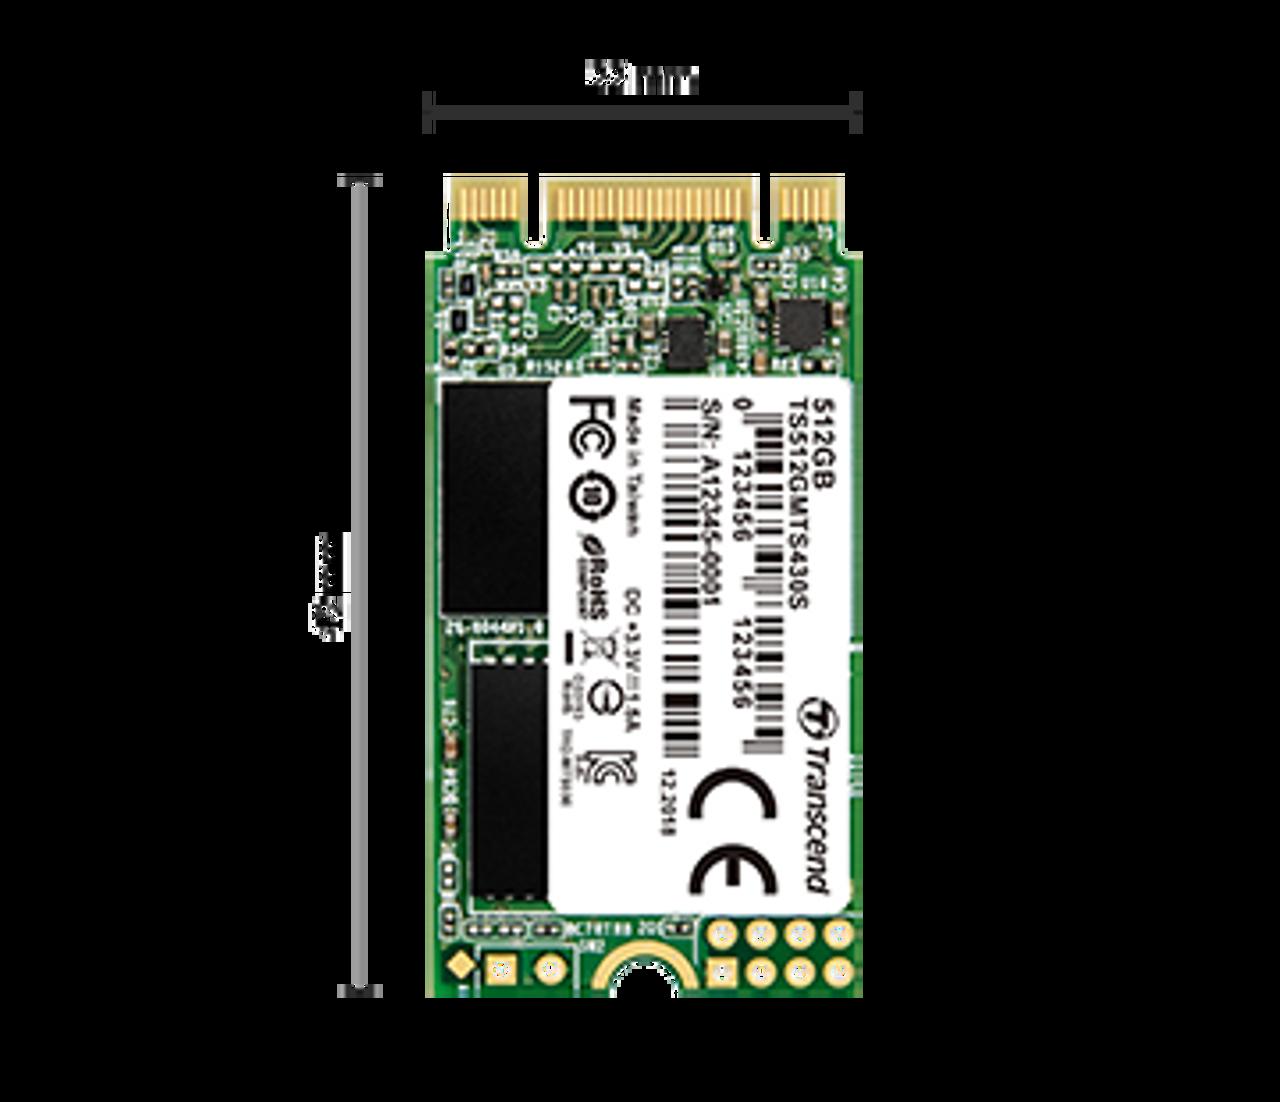 Transcend 128GB M.2 SATA III 430S series SSD